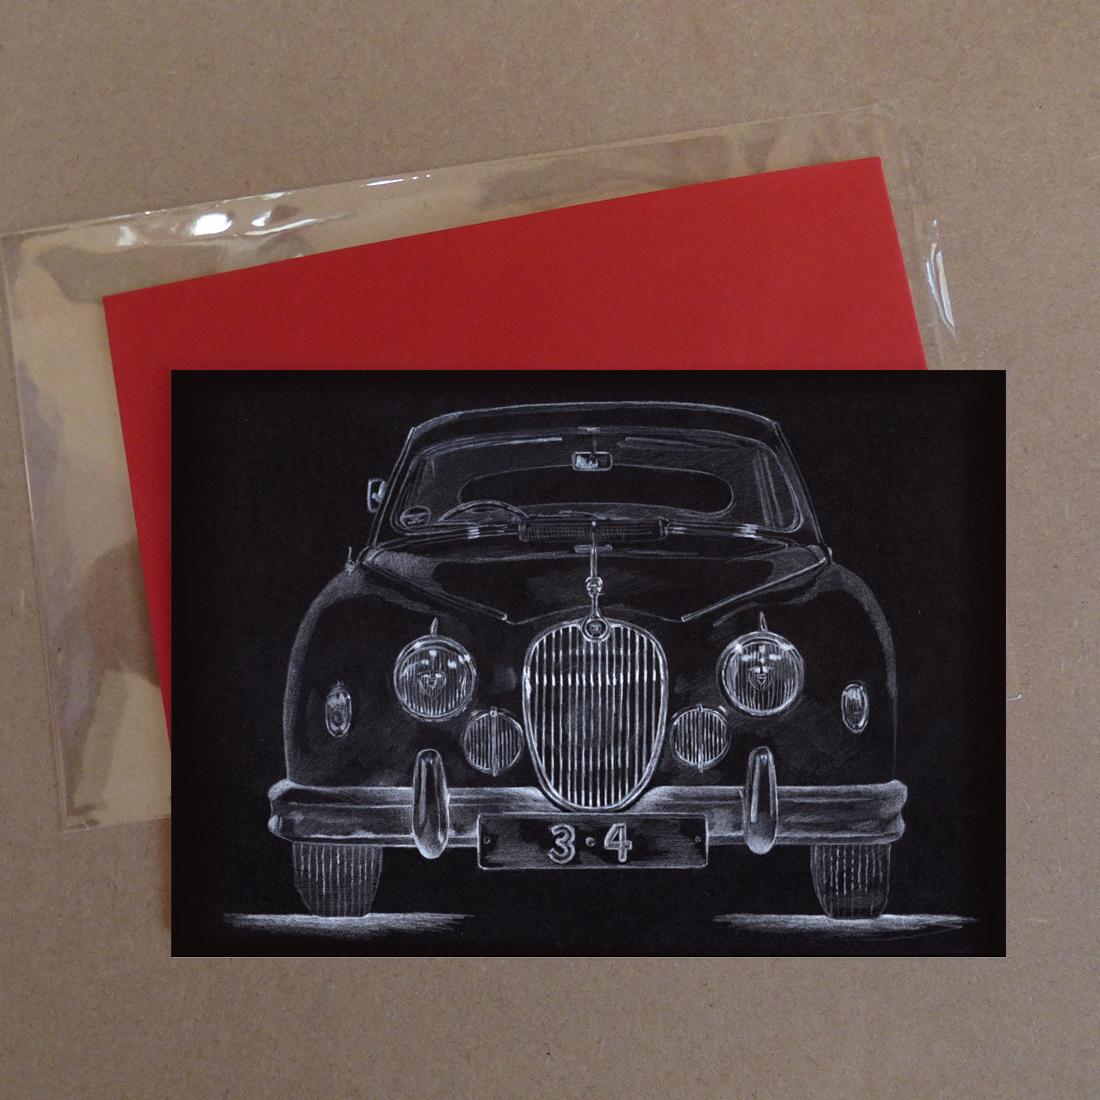 Jaguar Car 3.4 Greeting Card